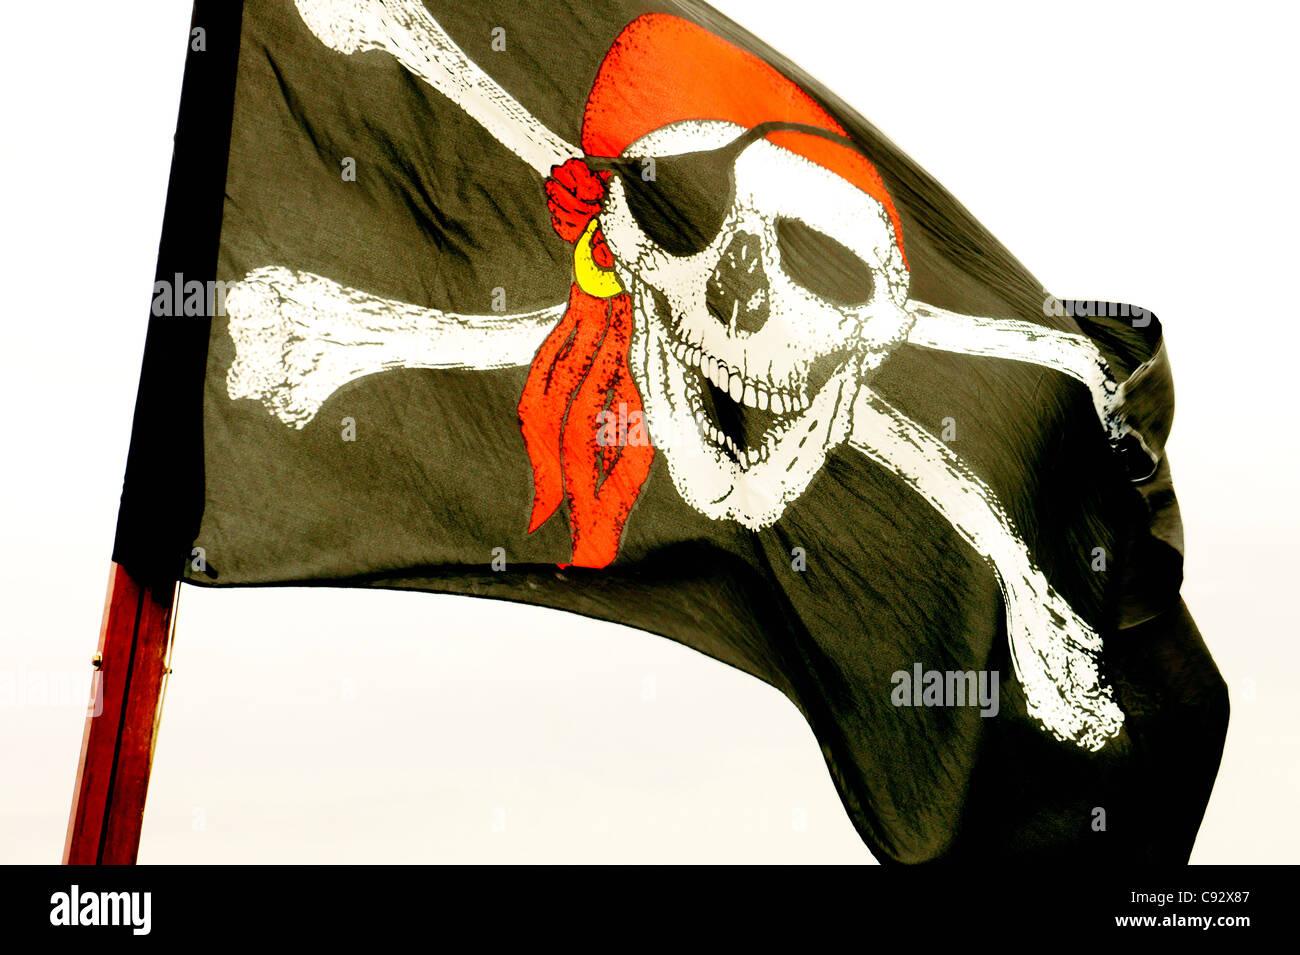 El Jolly Roger cráneo y dos huesos cruzados bandera pirata Imagen De Stock